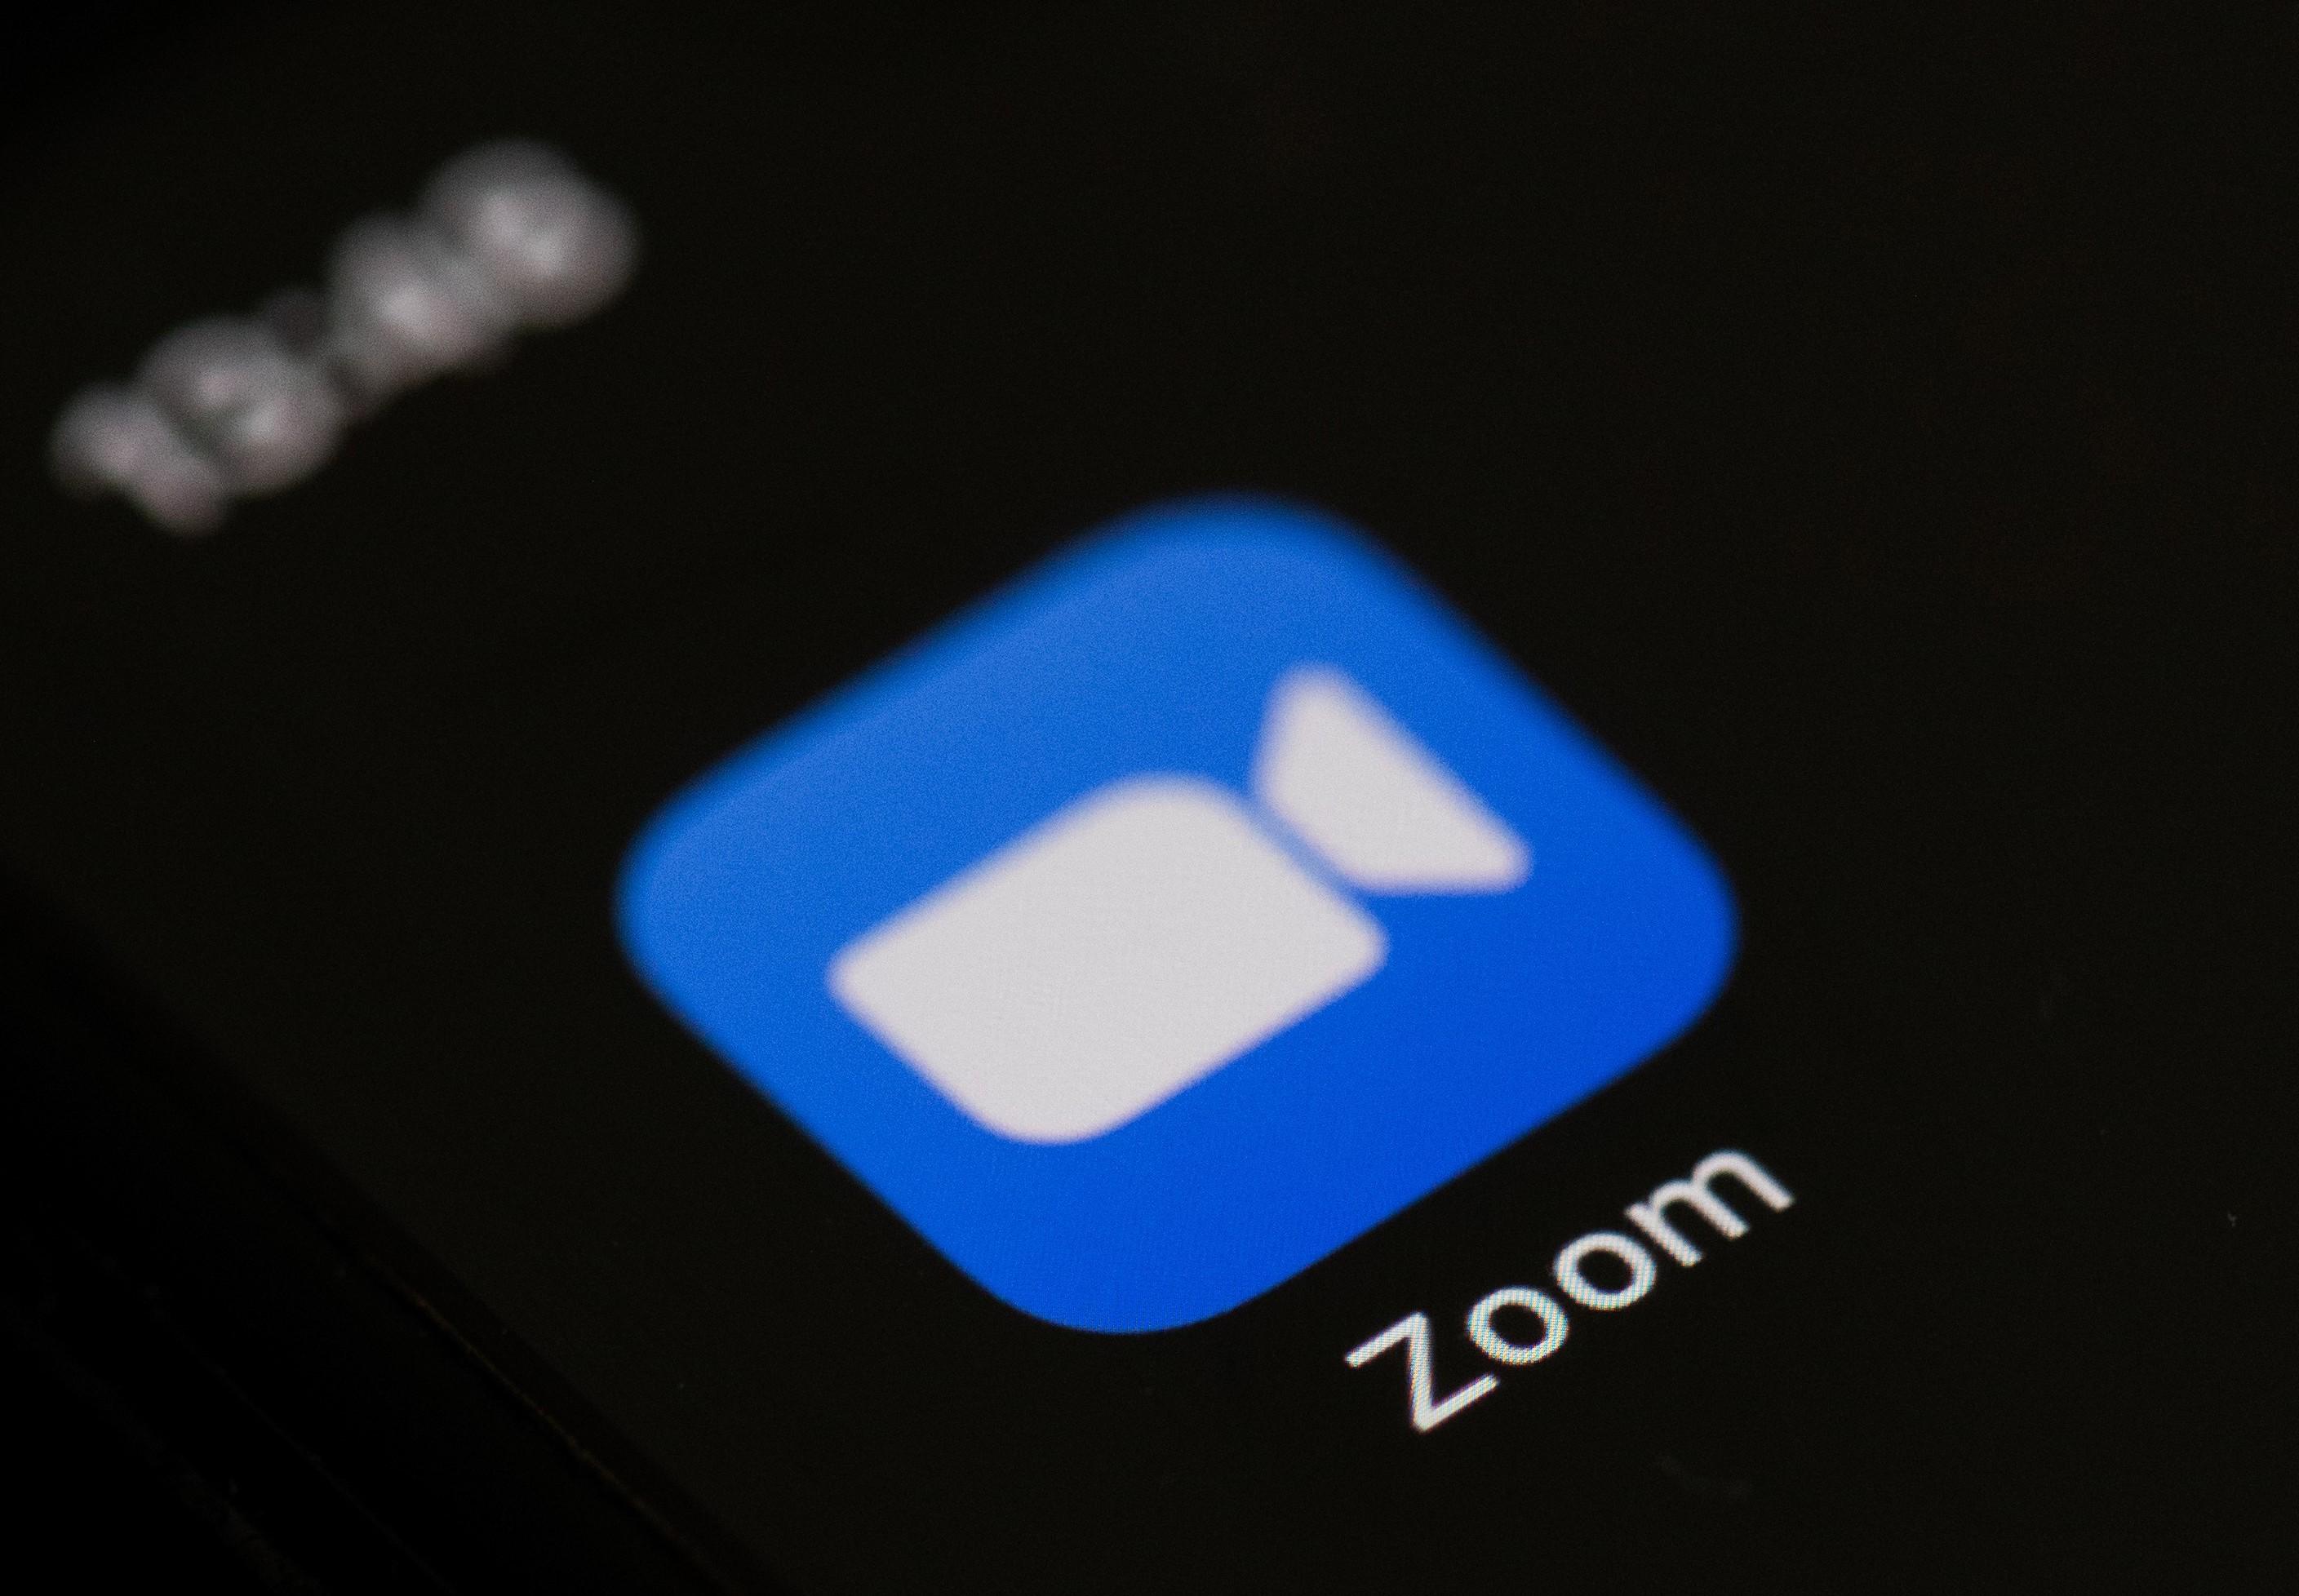 Zoom宣佈停售中國用戶軟件及升級服務